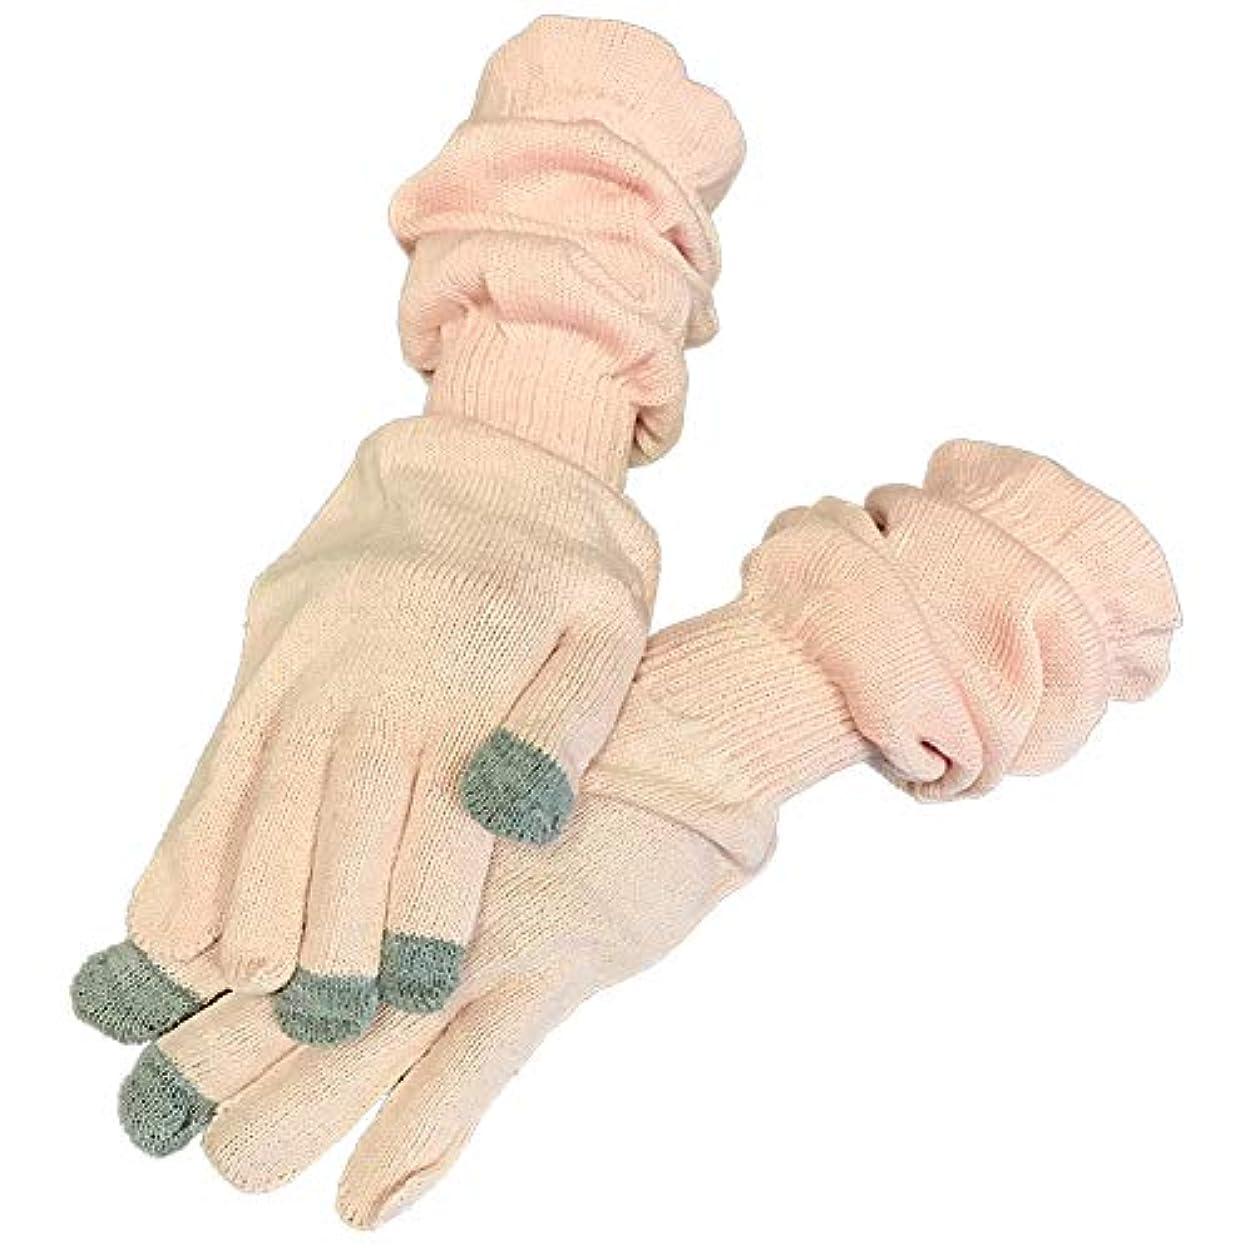 運動記念日抵抗手袋 手 カサカサ ハンドケア 乾燥 手荒れ シルク コットン 防止 予防 対策 保湿 就寝用 寝るとき スマホ スマホOK おやすみ レディース